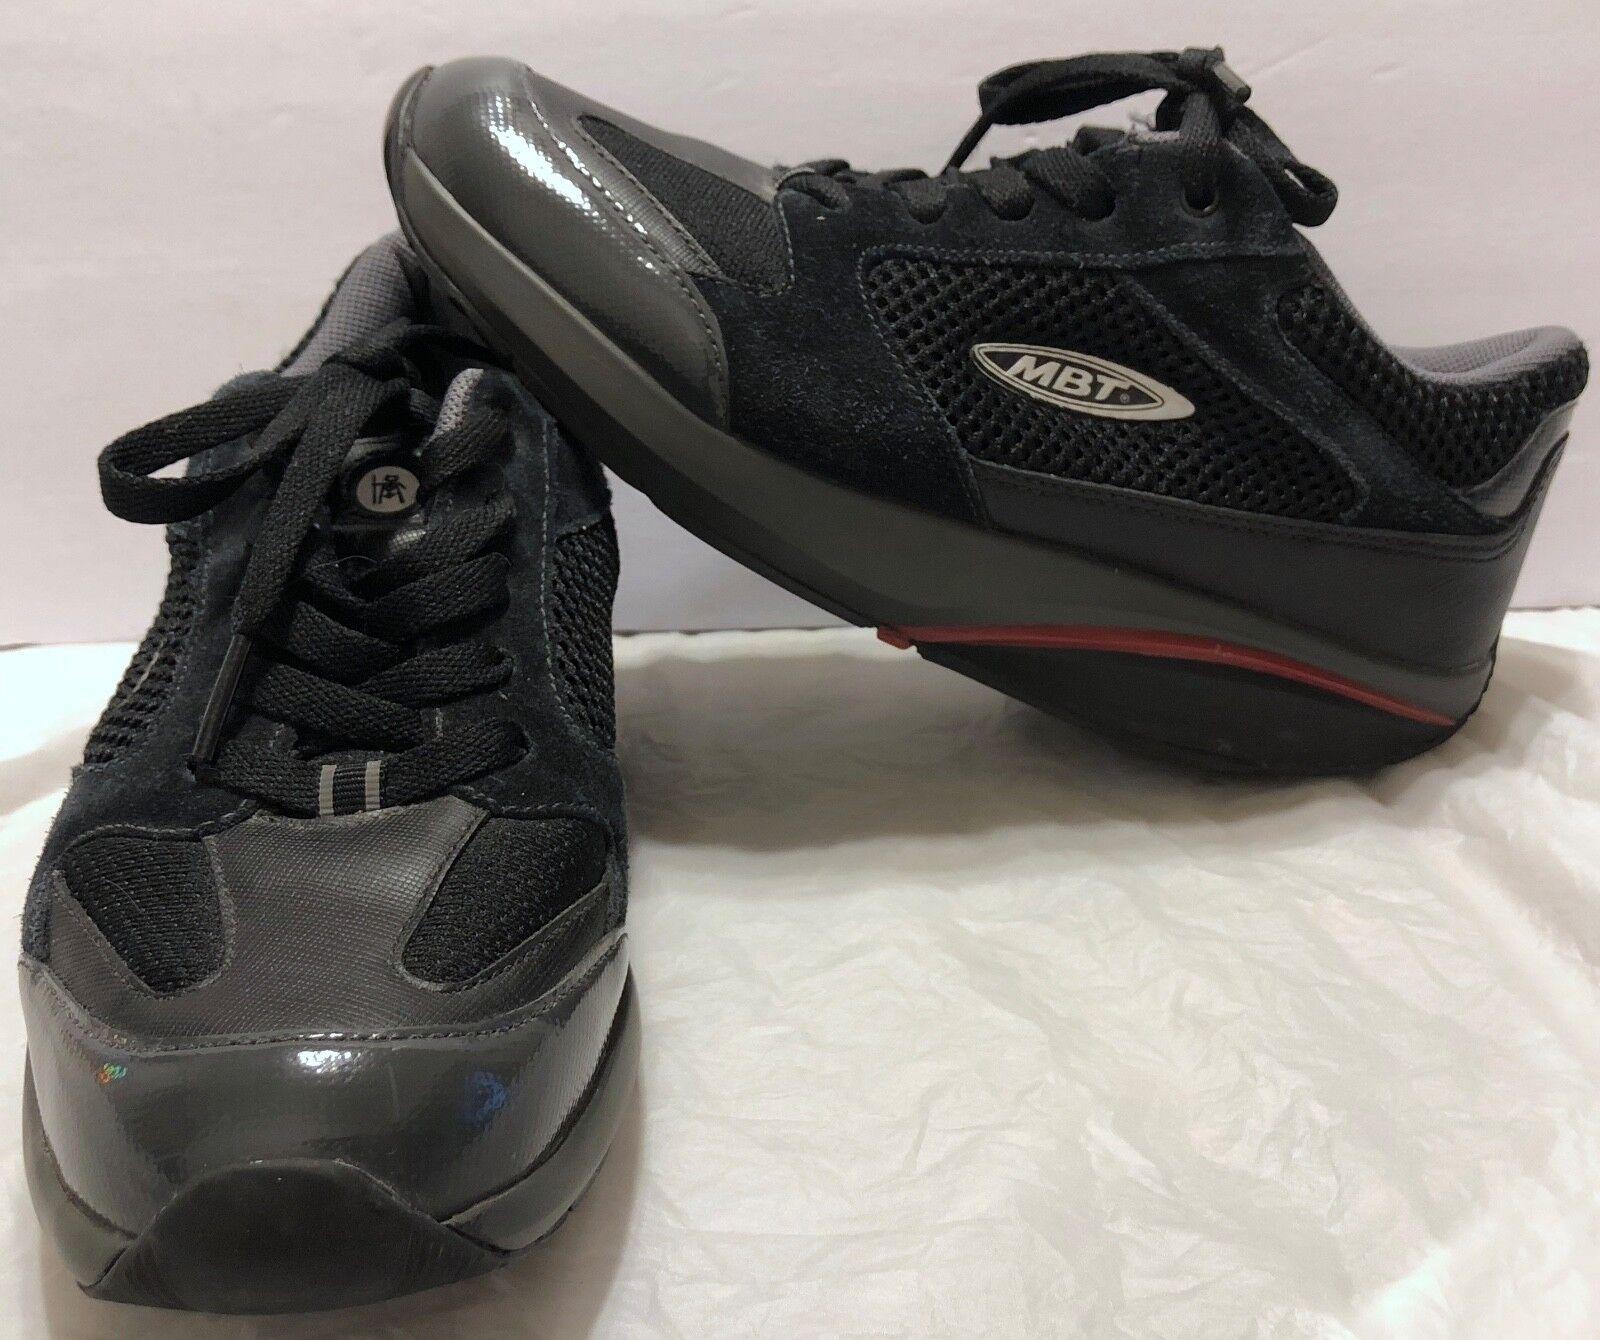 MBT Moja  noir  Lace Up  Chaussures